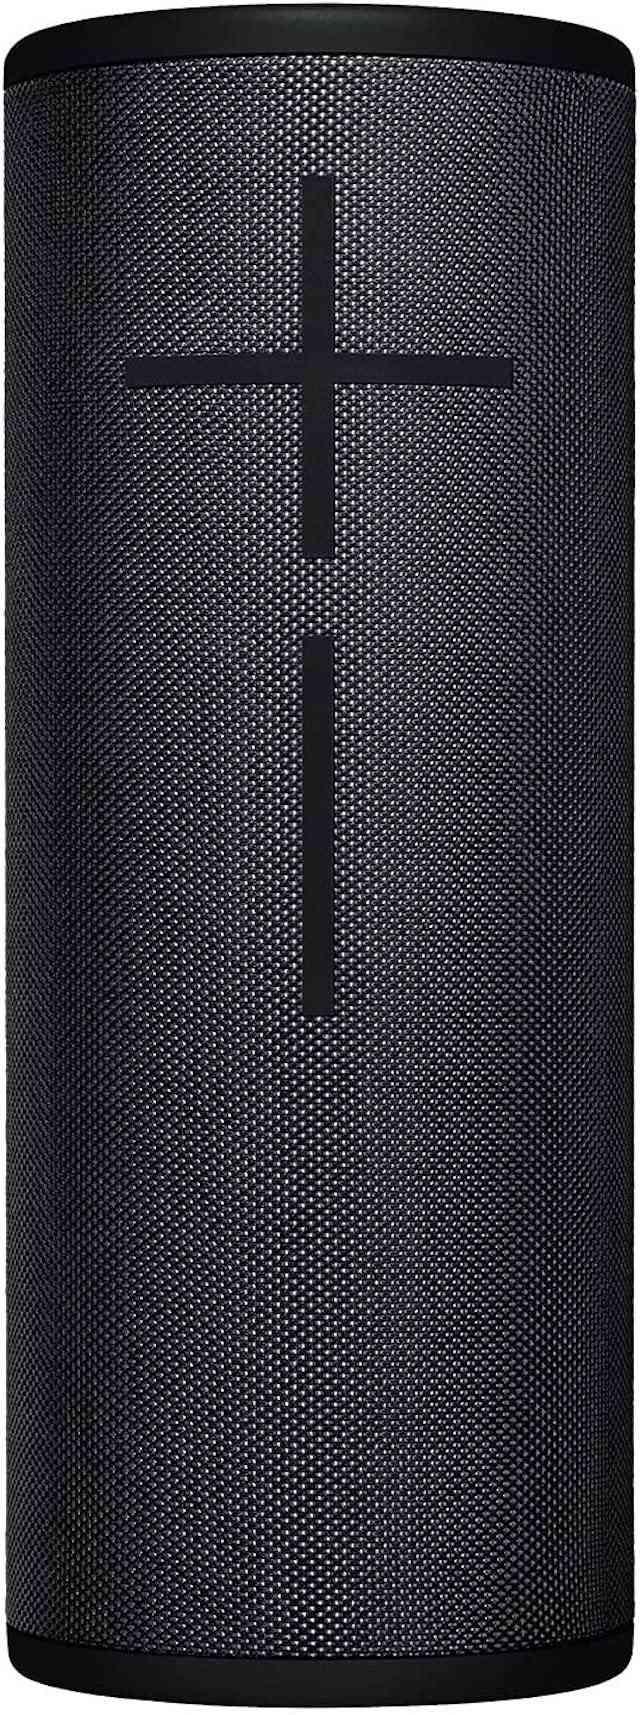 Ultimate Ears Megaboom 3 Portable Waterproof Speaker